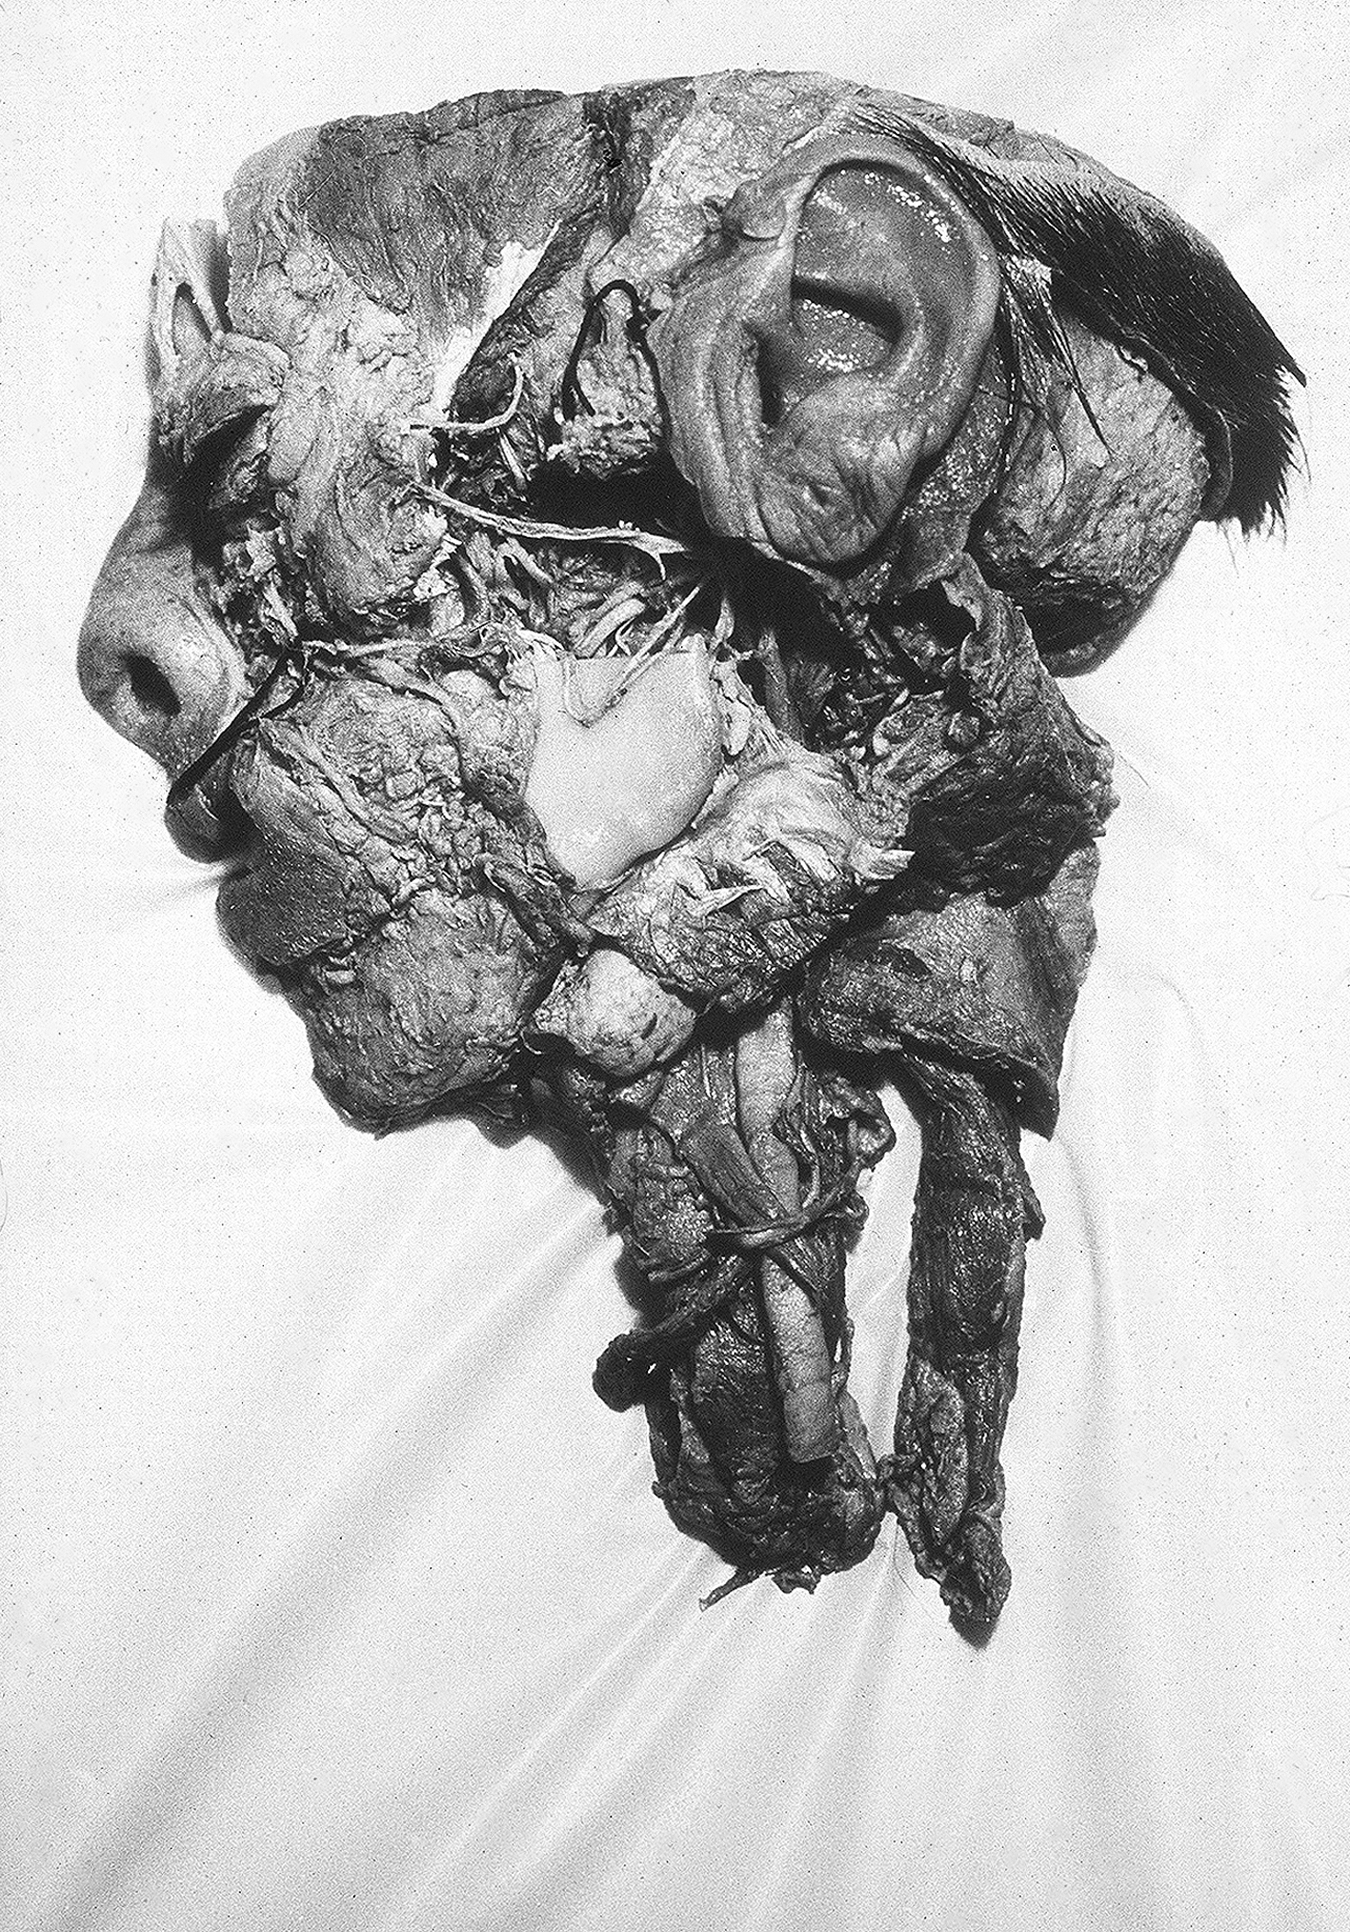 Tony_Ward_early_photography_work_beginning_anatomy_half_head_profile-Dissection. Photo: Tony Ward, Copyright 1977.